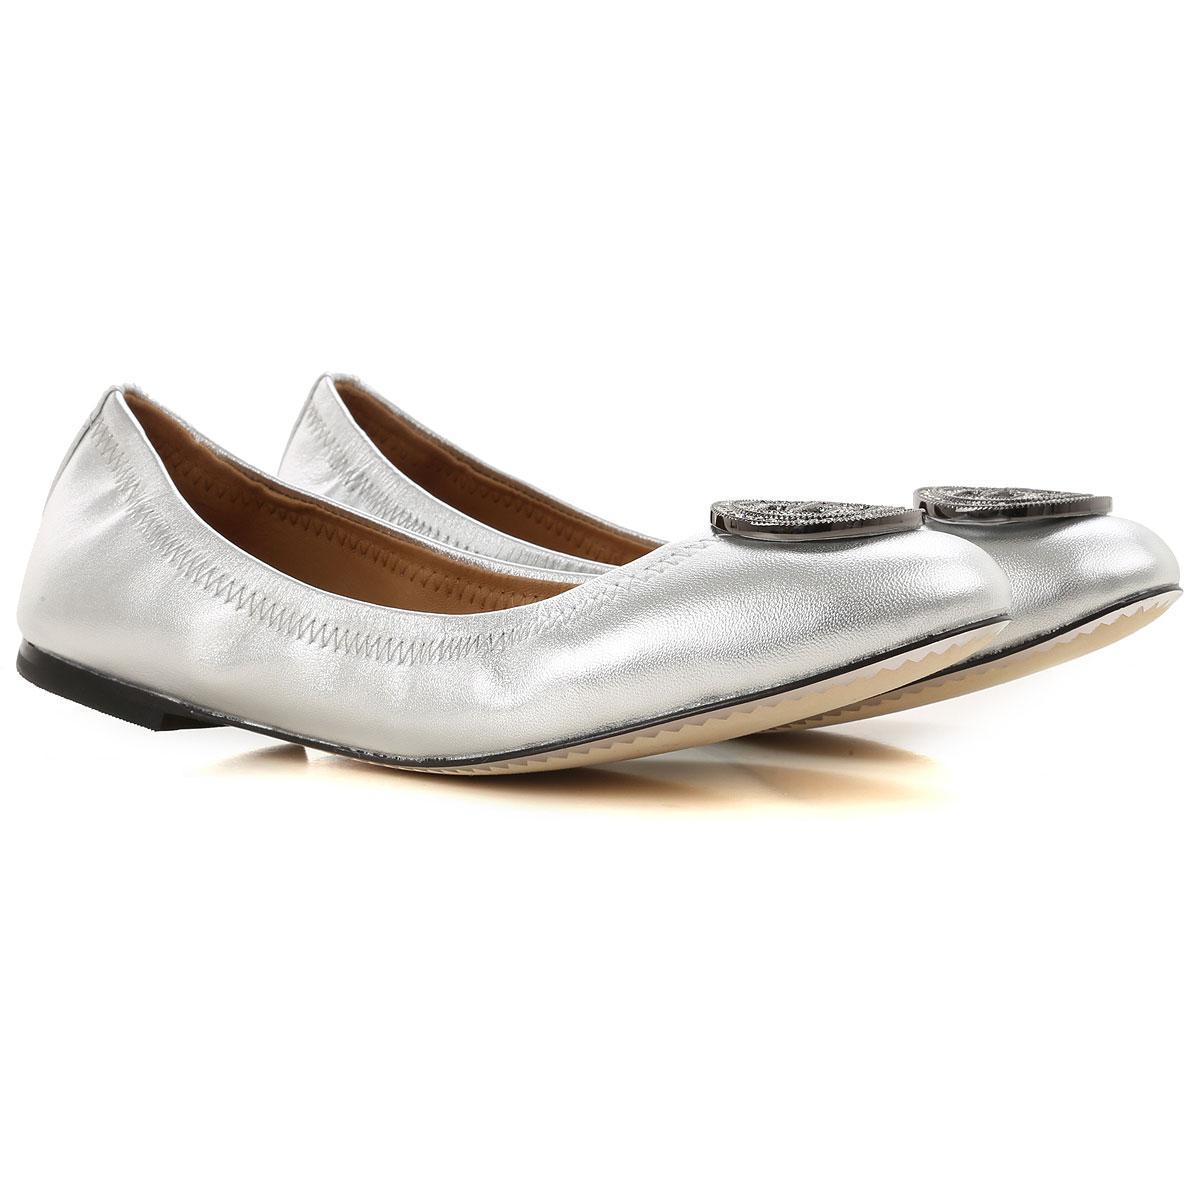 23520a523 Lyst - Tory Burch Ballet Flats Ballerina Shoes For Women in Metallic